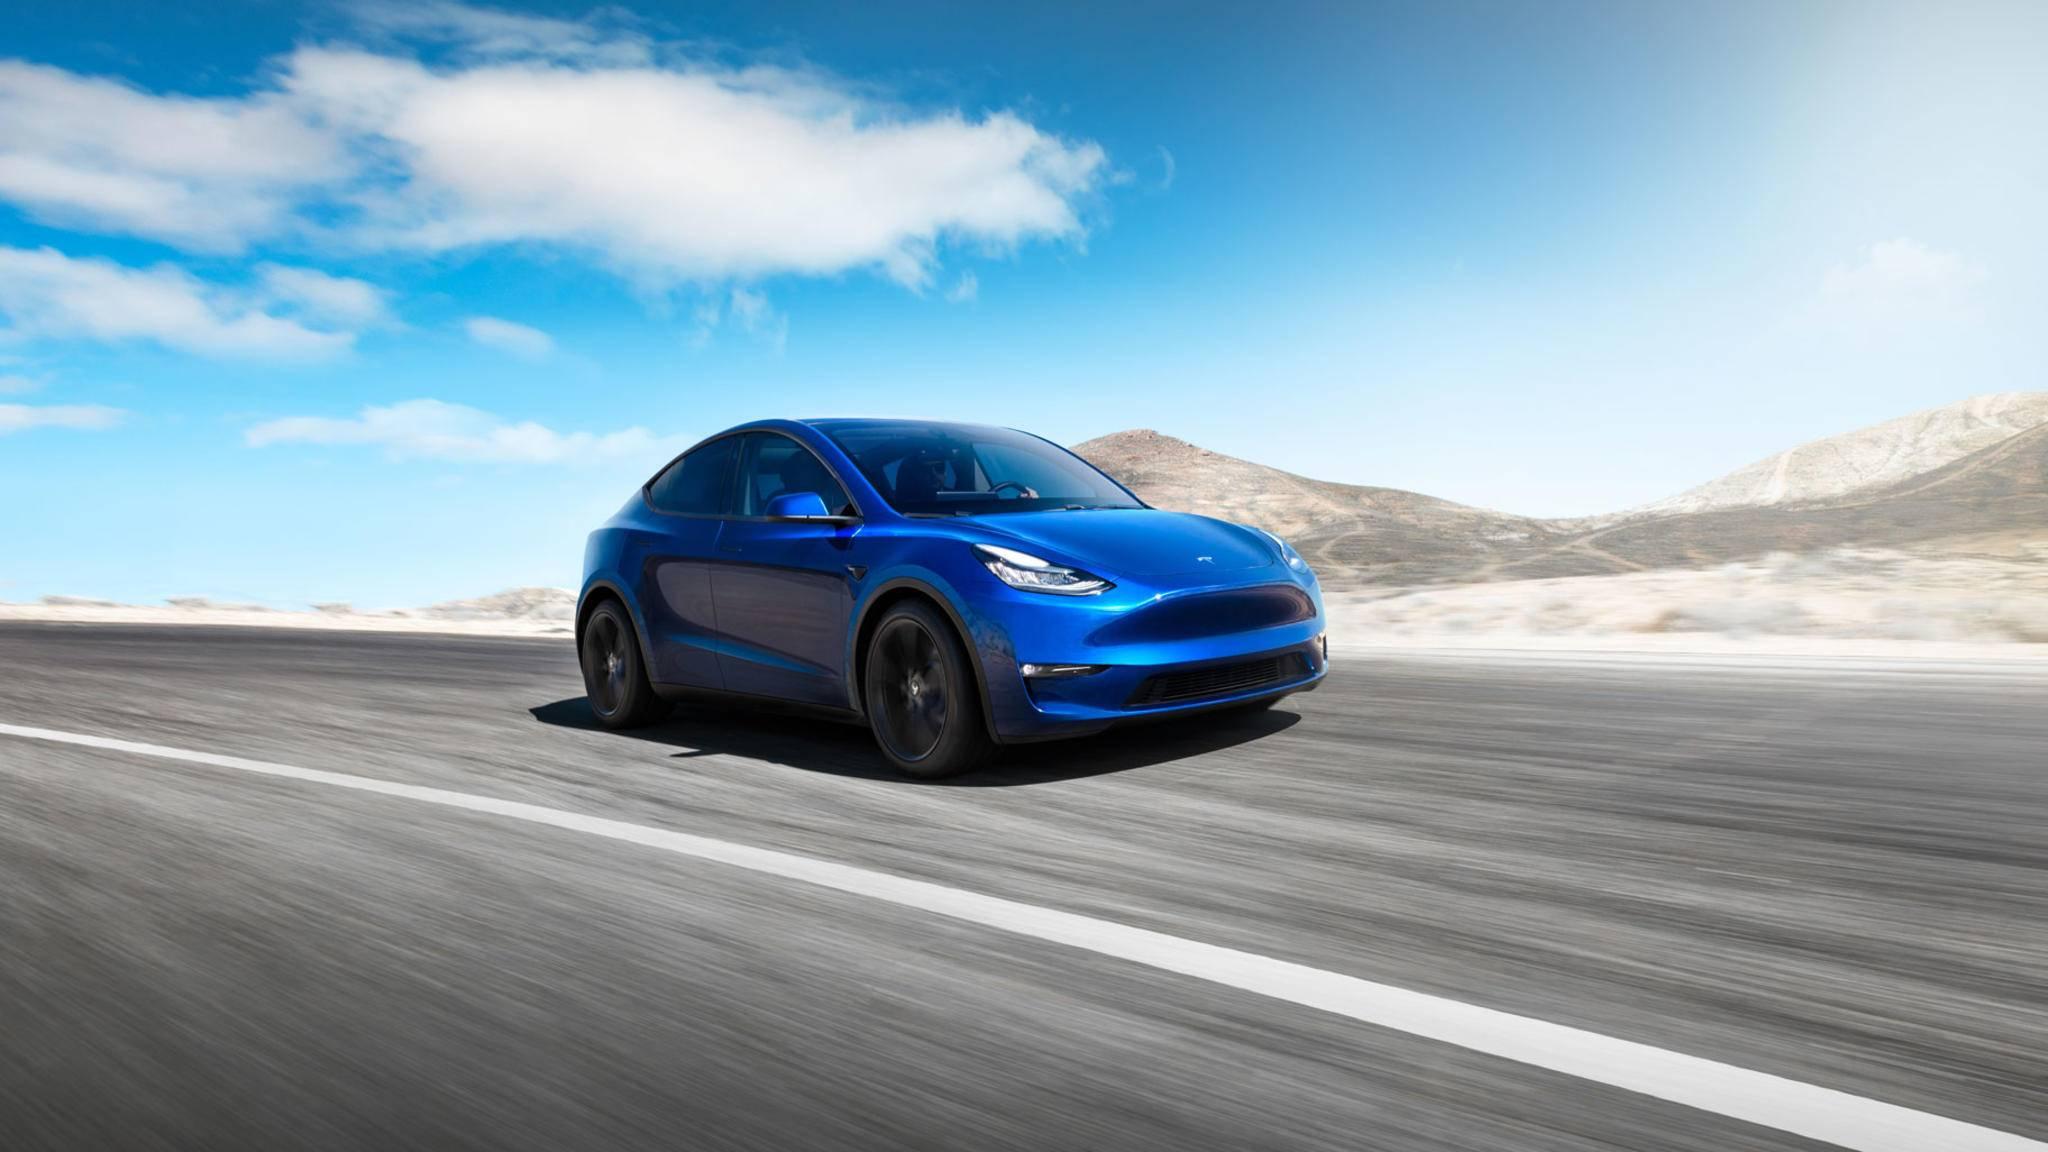 Das neue Tesla Model Y erreicht Spitzengeschwindigkeiten bis zu 240 km/h und wird ab 2021 ausgeliefert.